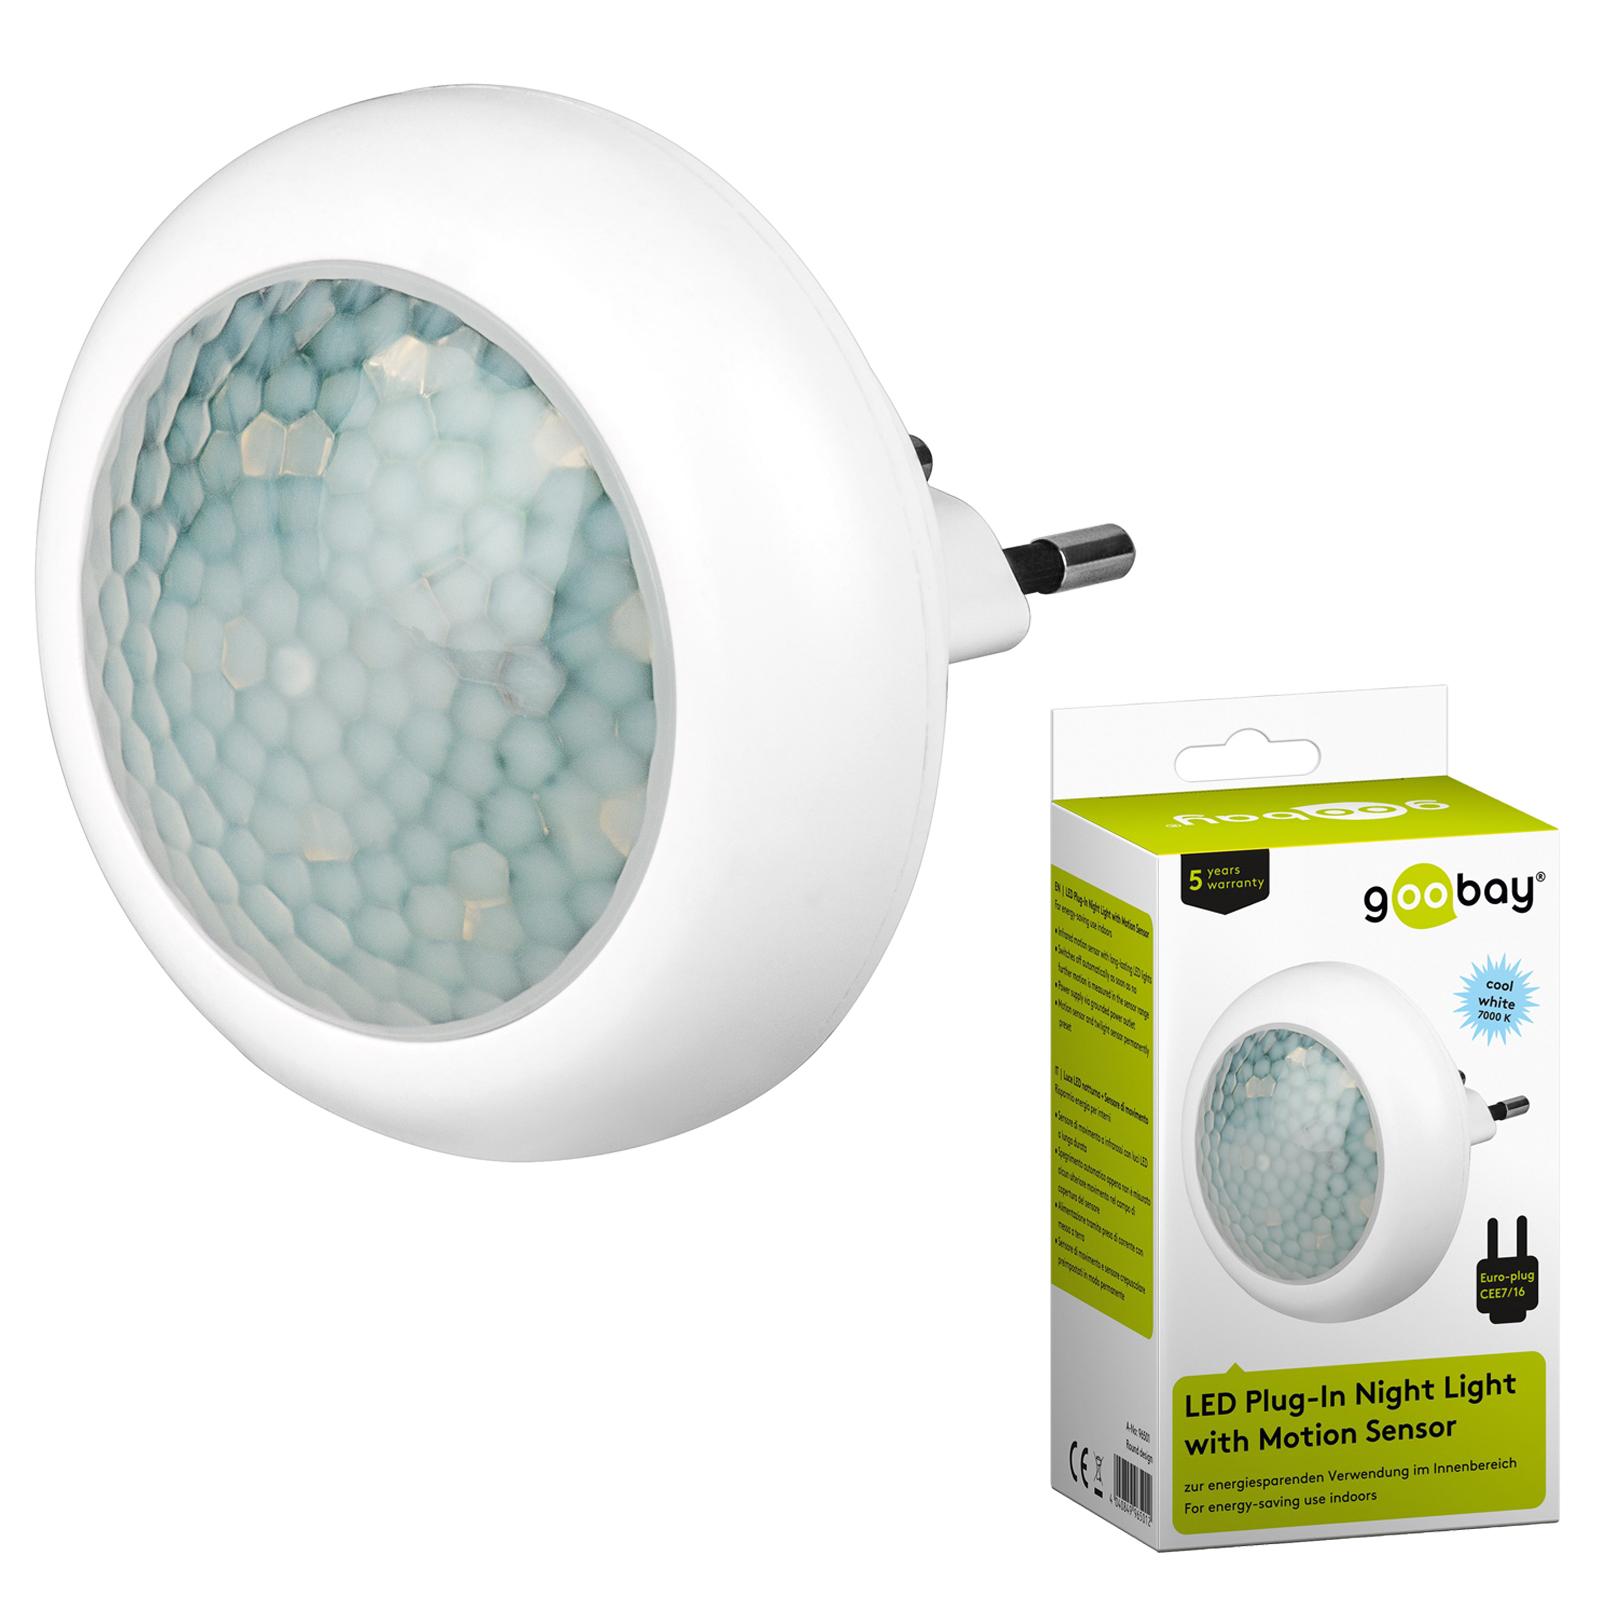 led nachtlicht mit bewegungsmelder f r steckdose 8 leds nachtlicht nachtlampe ebay. Black Bedroom Furniture Sets. Home Design Ideas